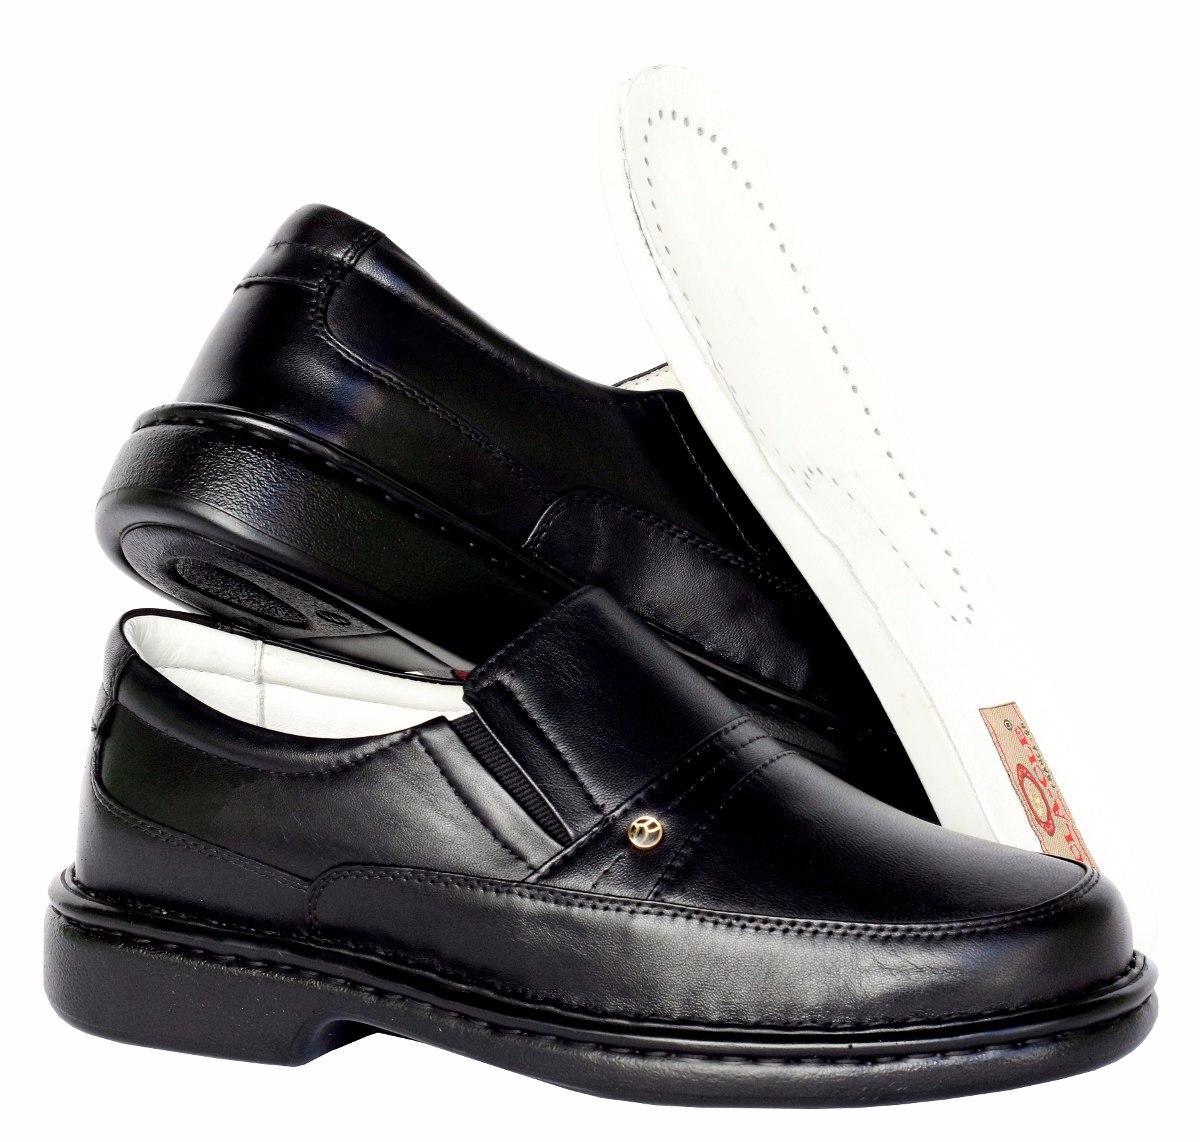 a48a66c1c Sapato Masculino Linha Anti-stress Puro Conforto 100% Couro - R$ 169 ...